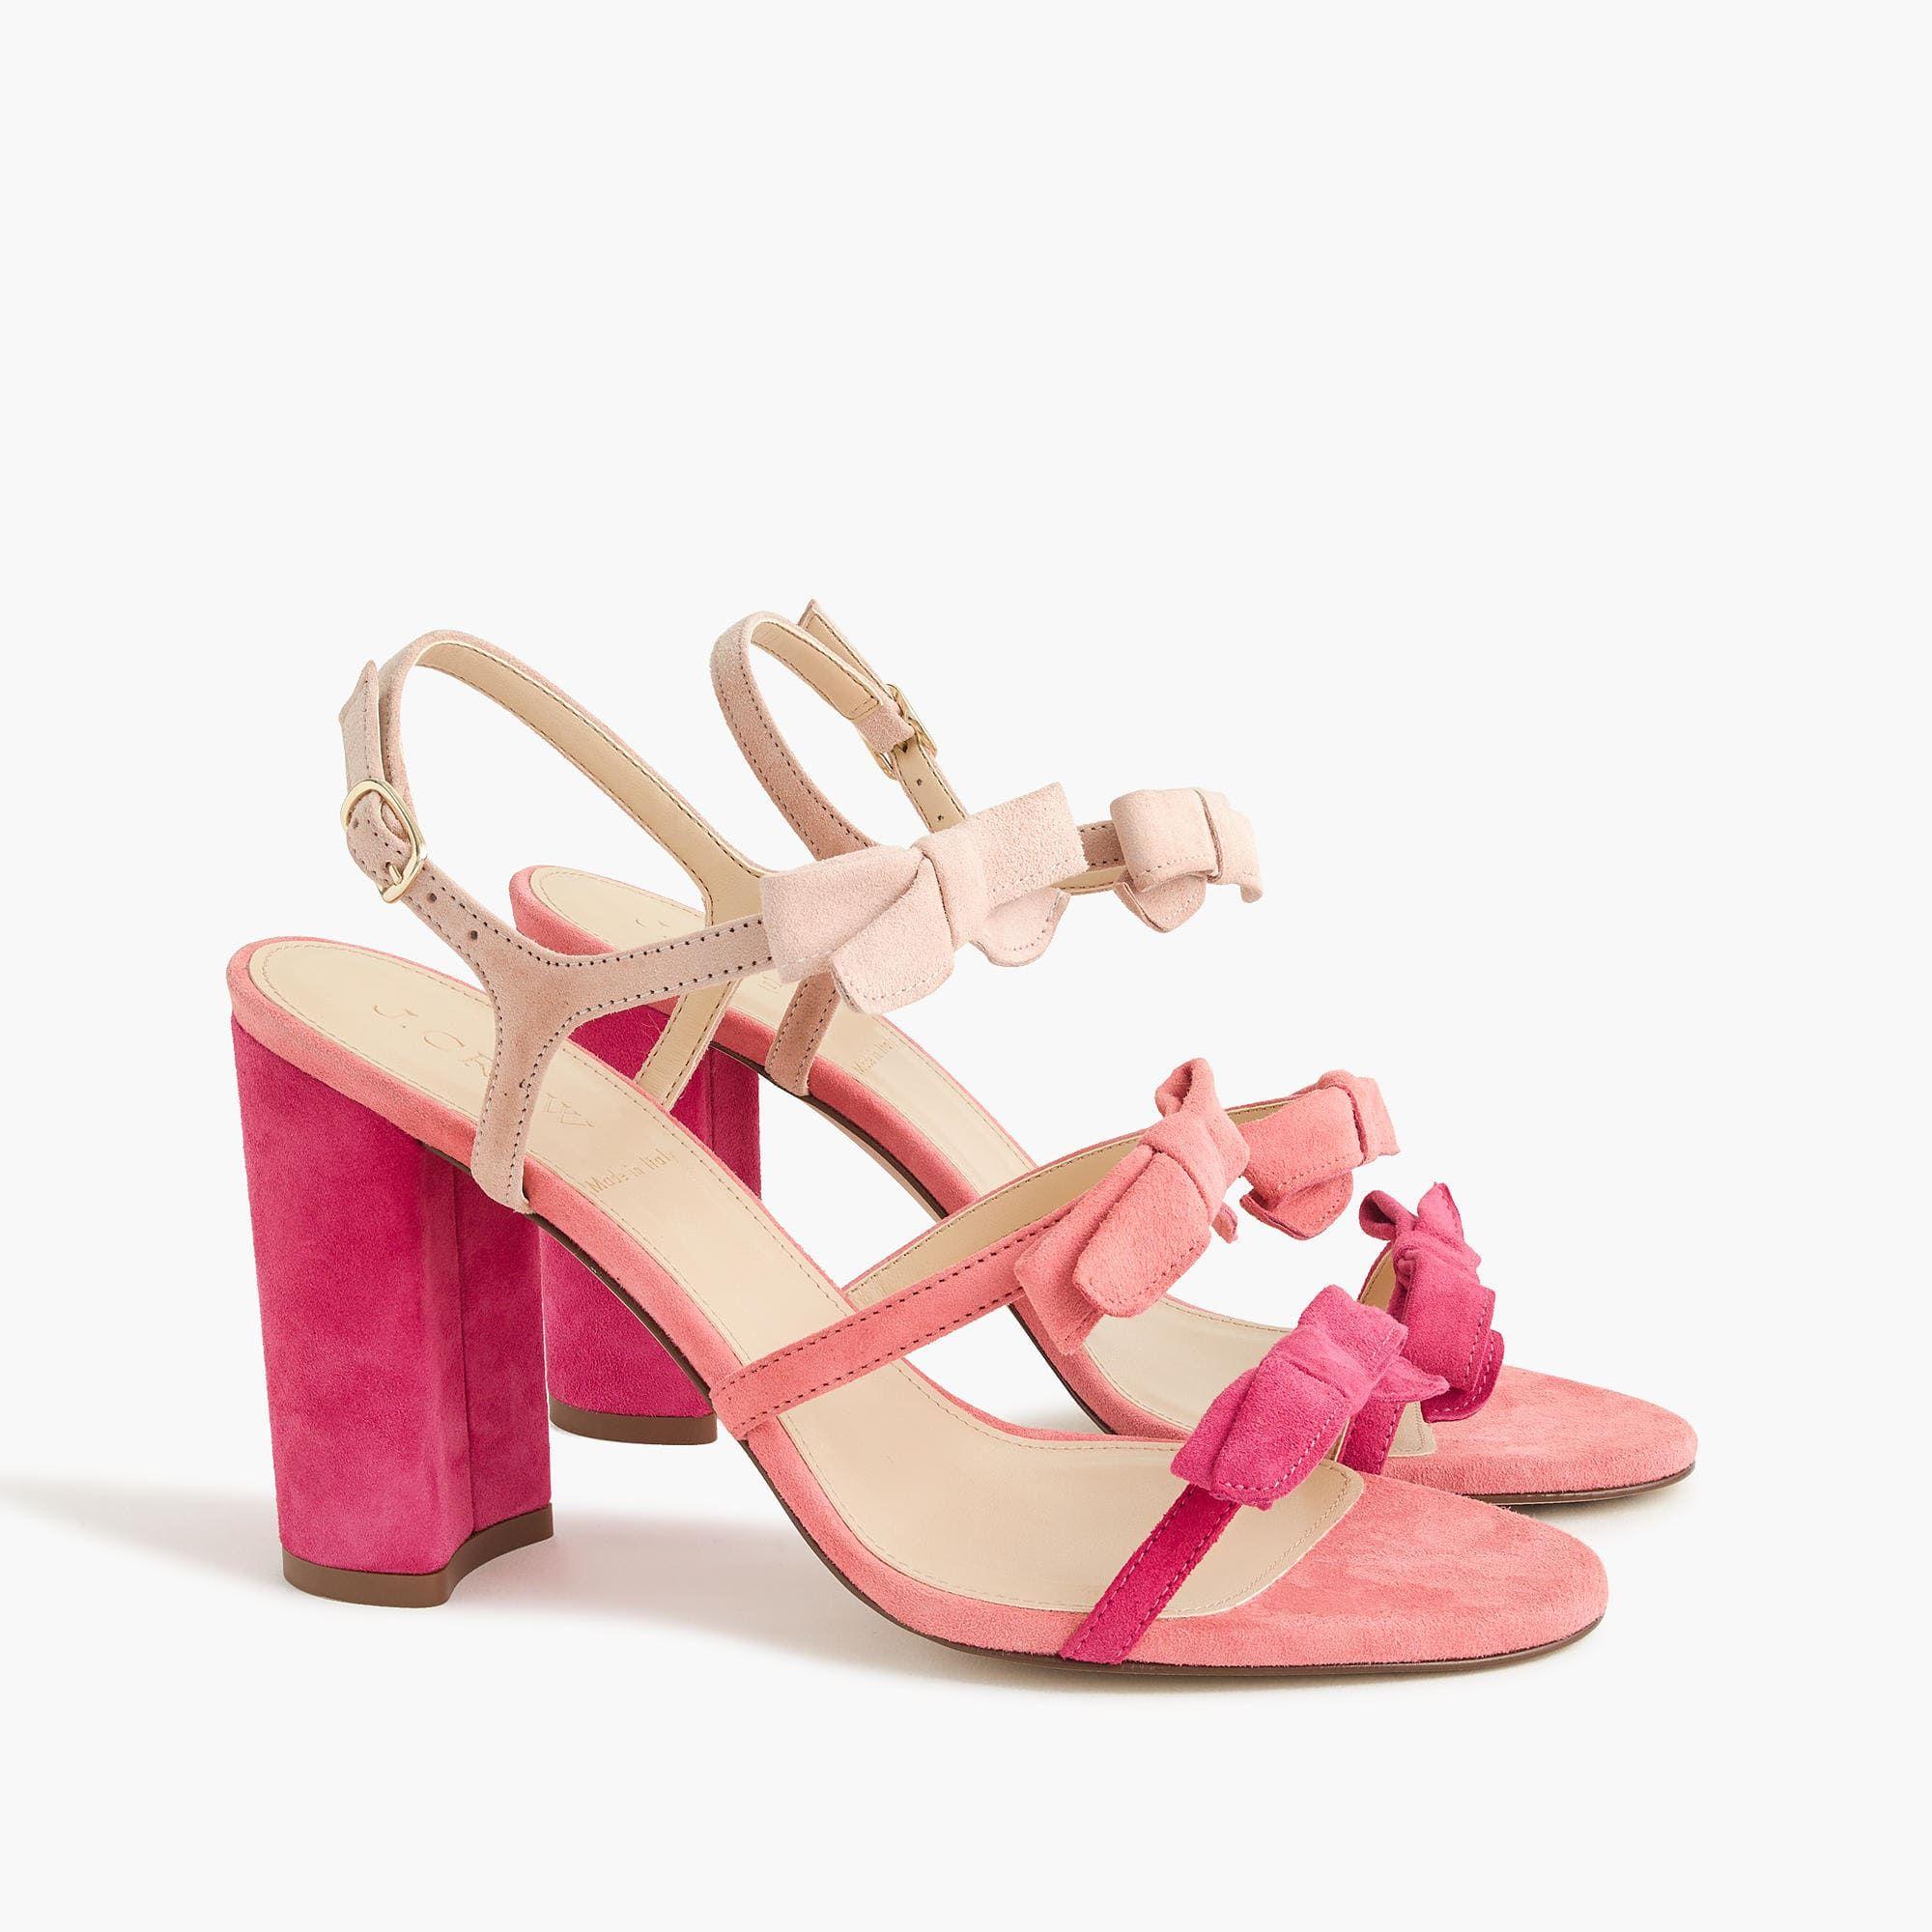 e8bbbaf4dd9 Stella bow heels in fuschia